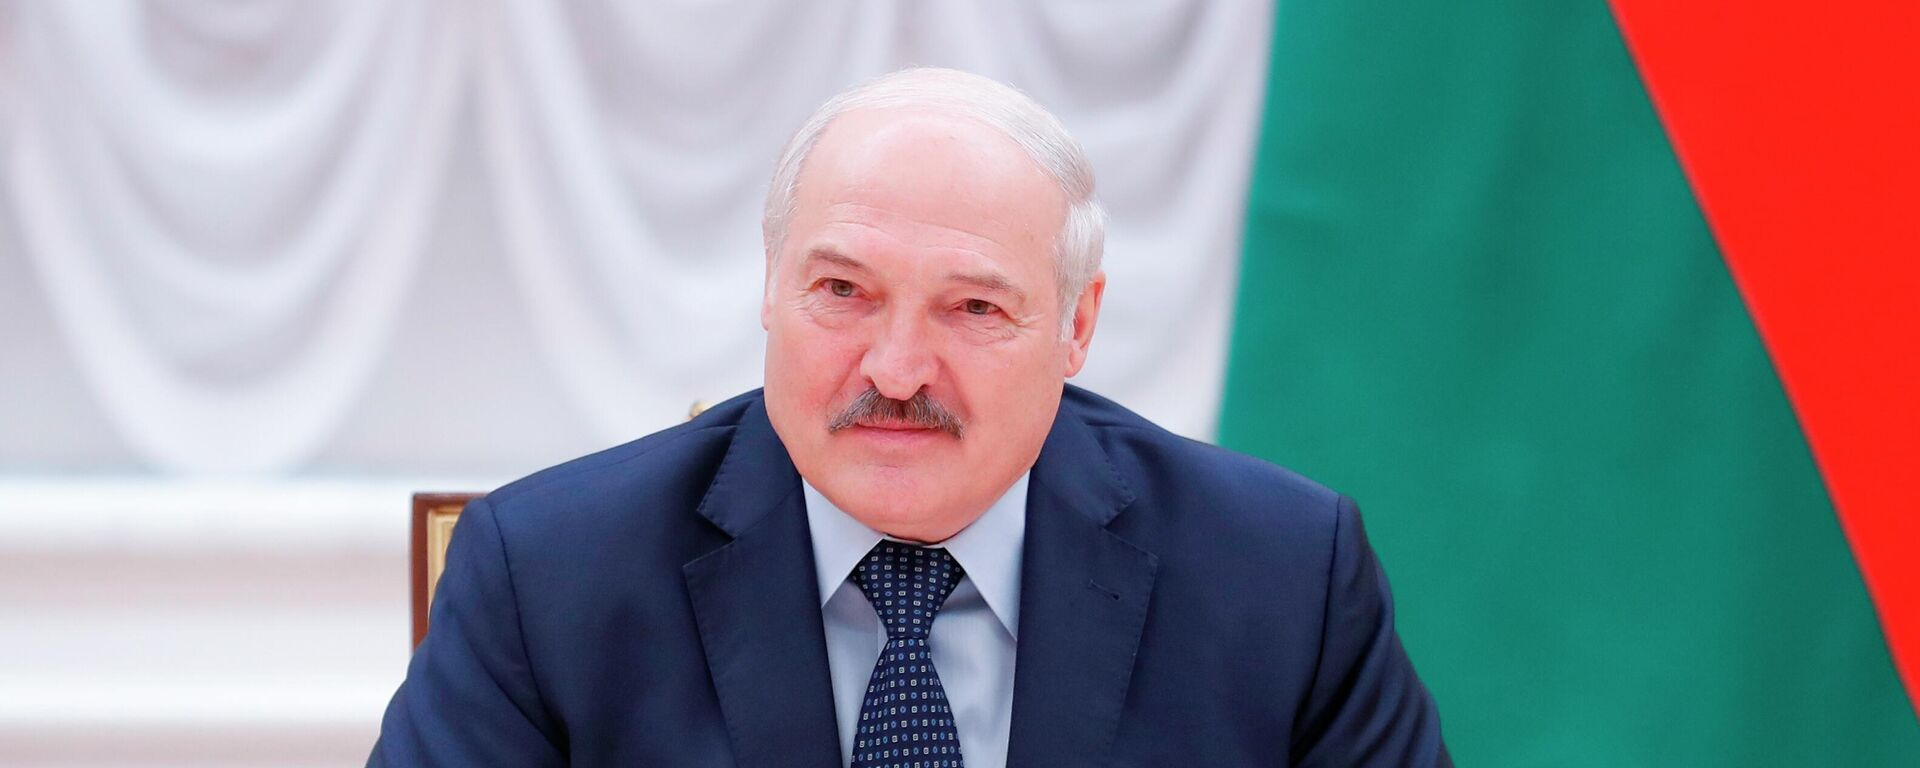 Alexandr Lukashenko, presidente de Bielorrusia - Sputnik Mundo, 1920, 01.06.2021